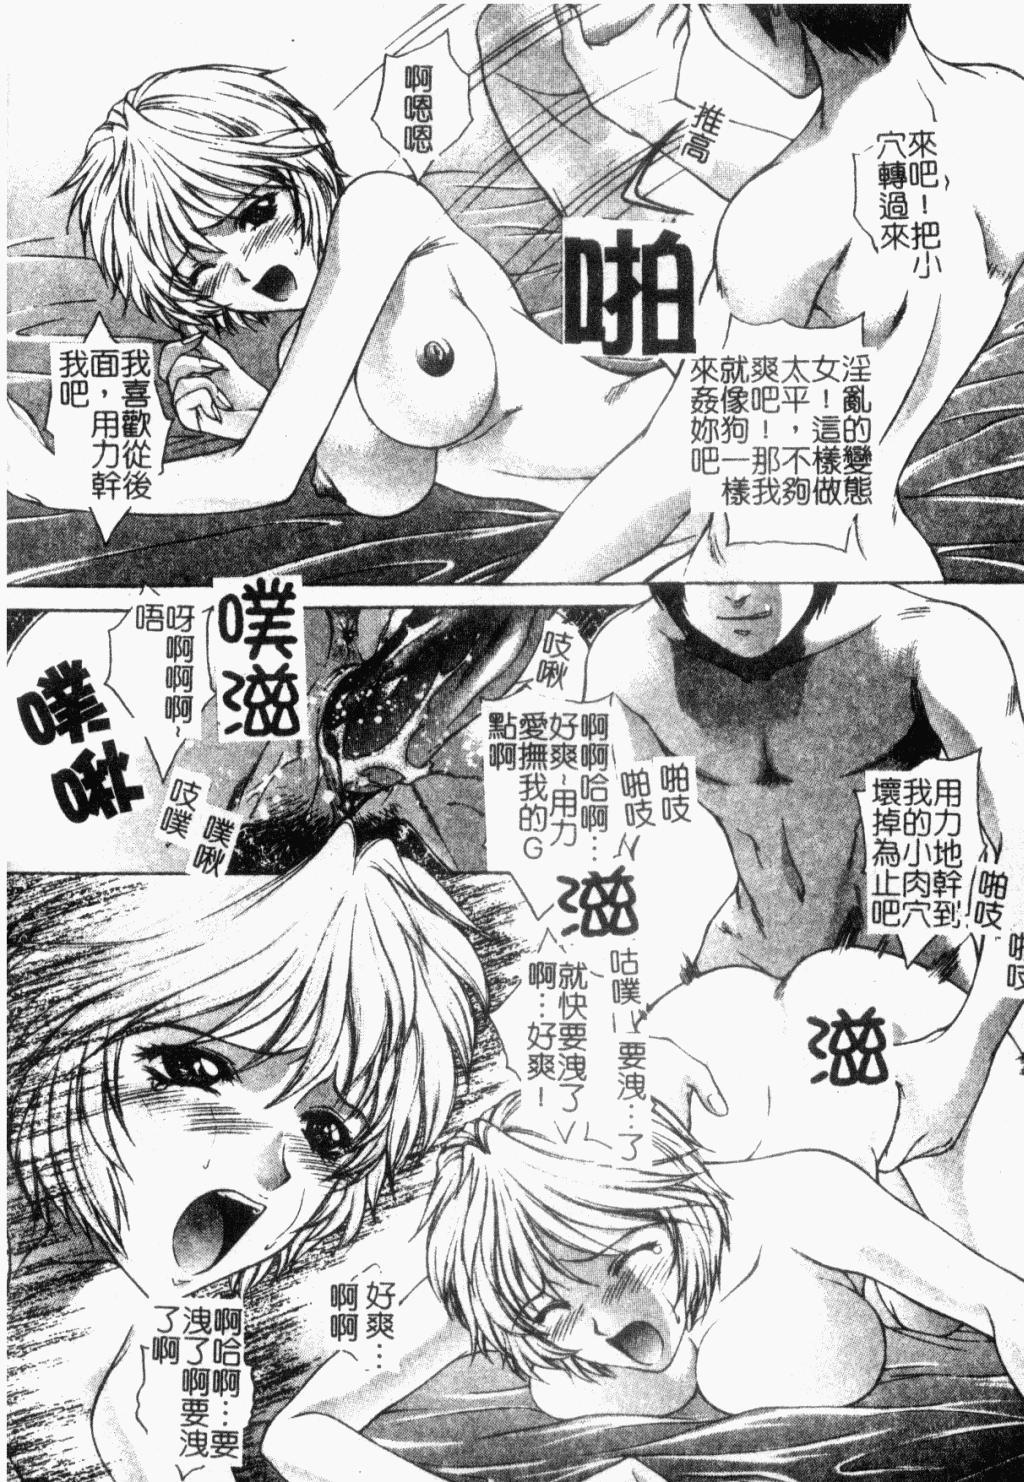 Choukyou Gakuen 2 Genteiban 143